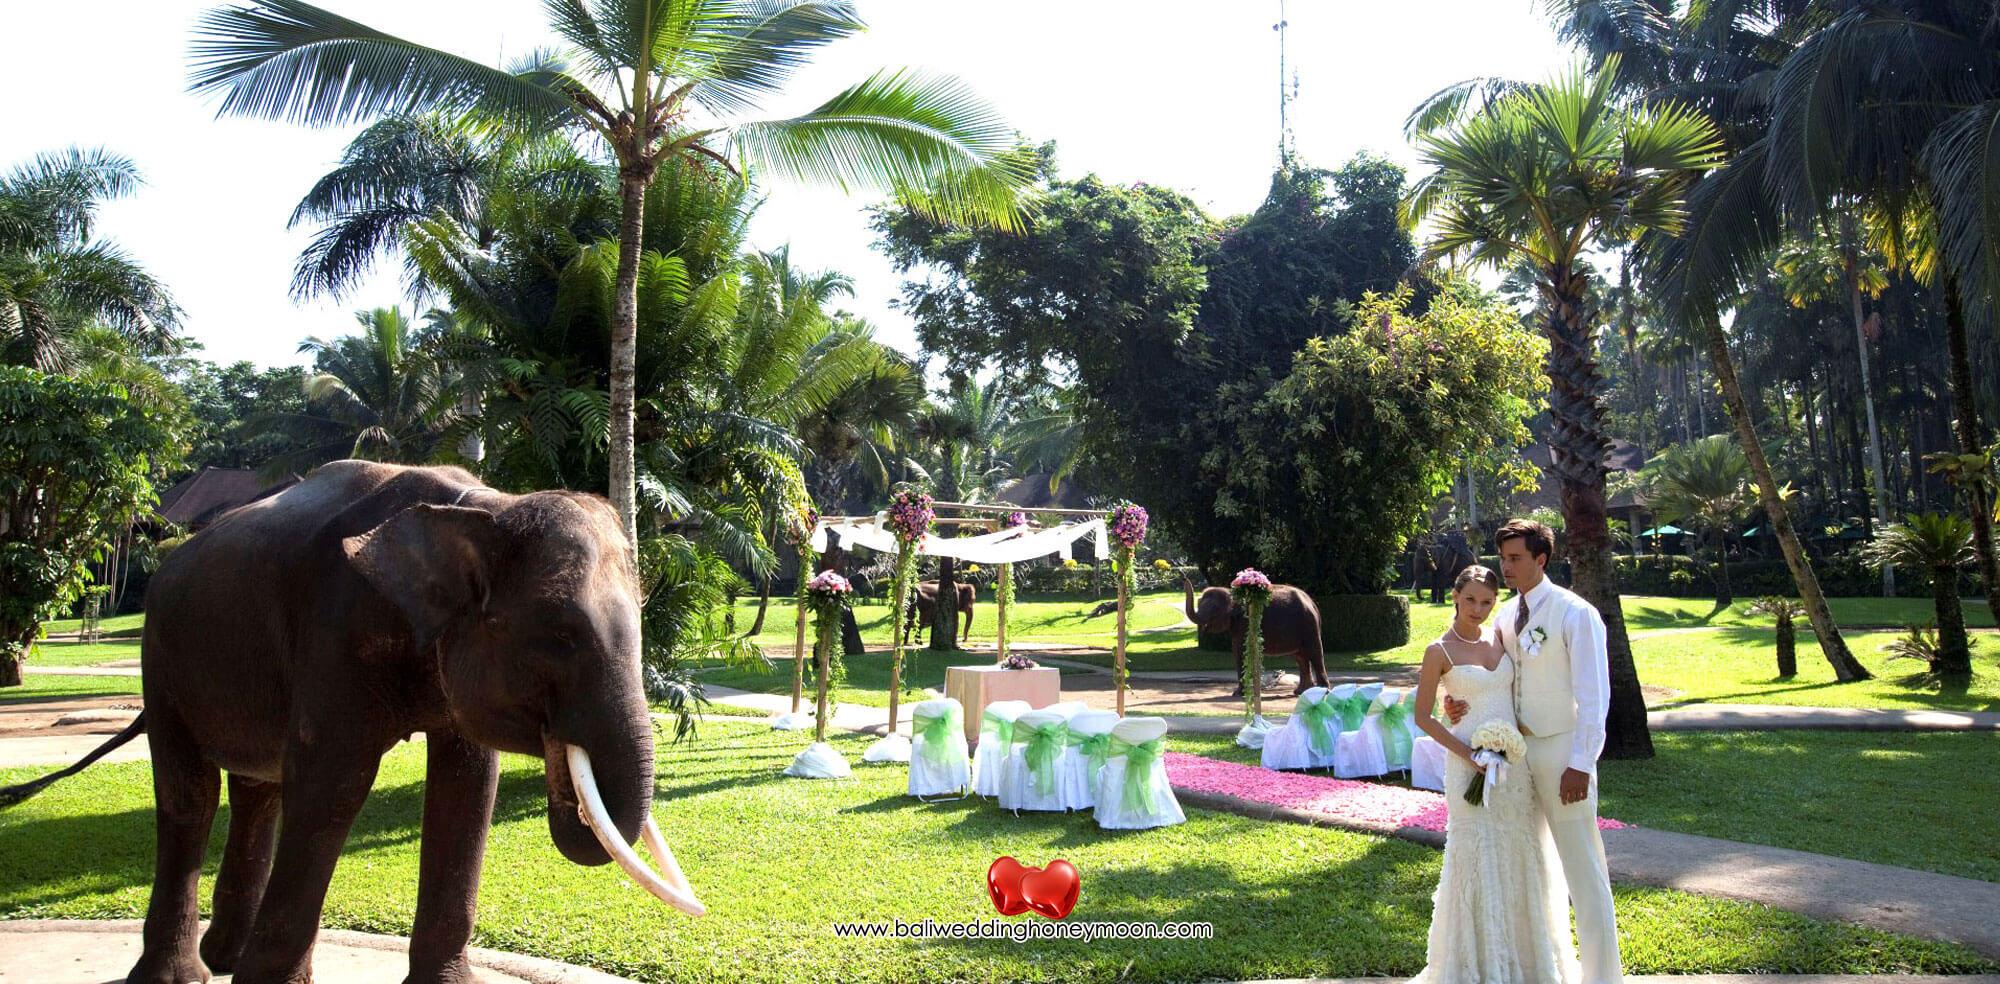 masonbalielephantwedding-uniquebaliwedding-baliweddinghoneymoon-baliweddingorganizer-baliweddingplanner-baliweddingpackage5